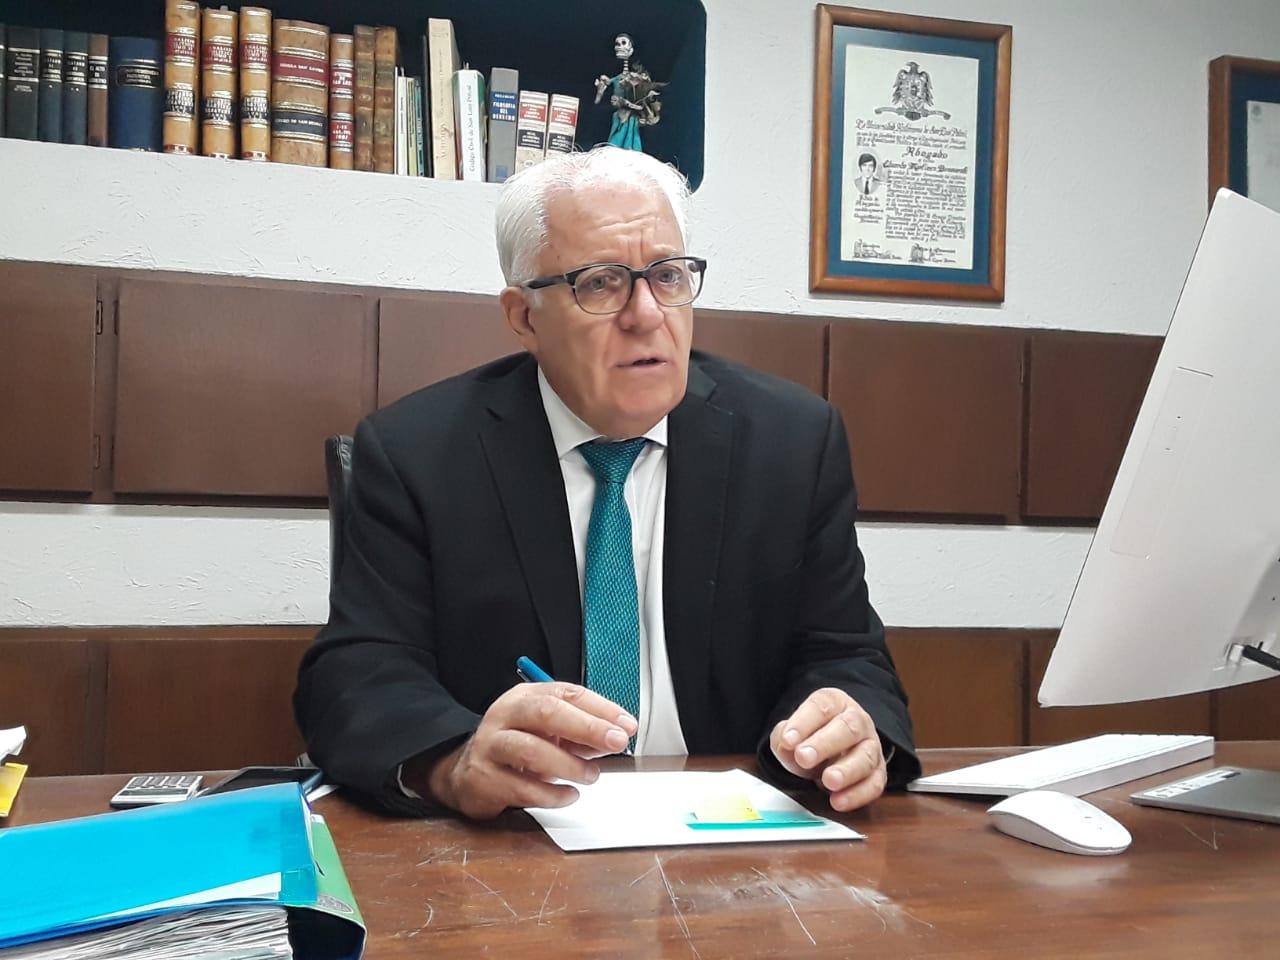 Un debate plagado de compromisos imposibles de realizar: Martínez Benavente